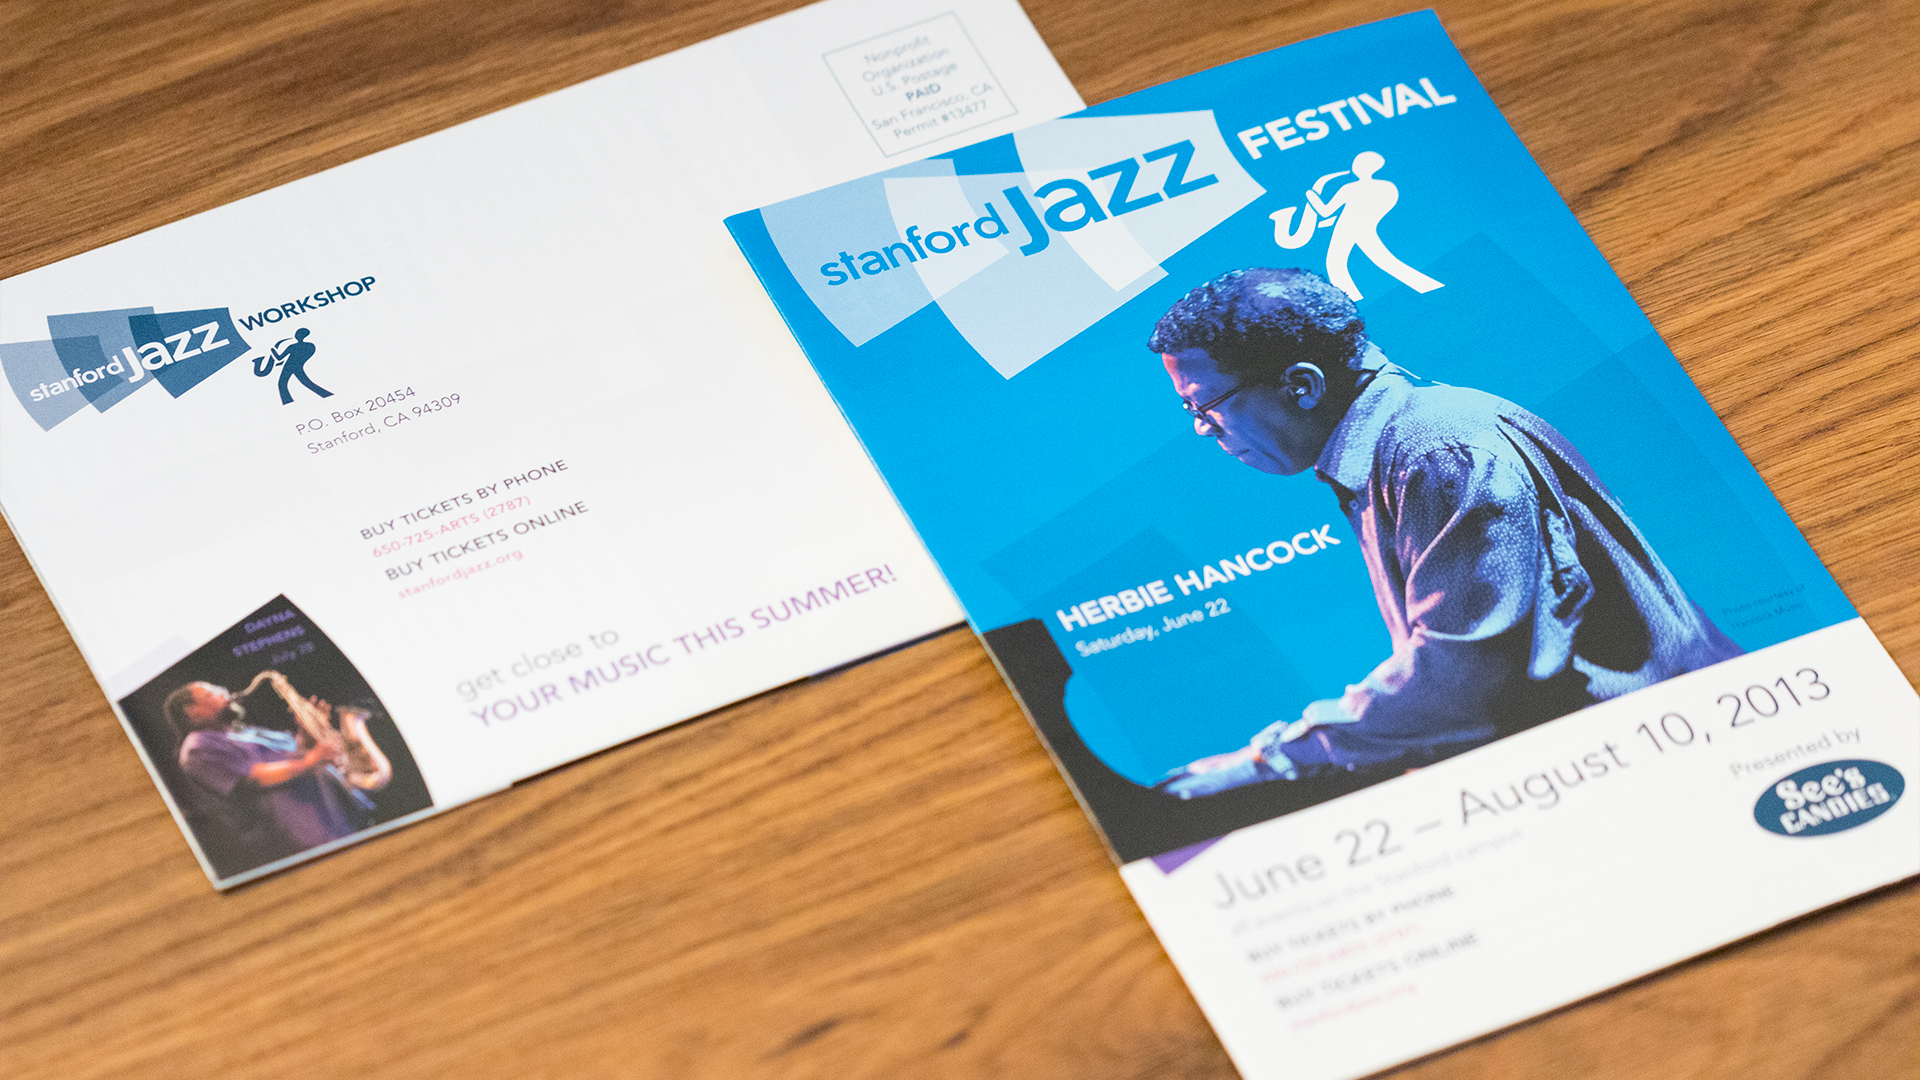 Print – Festival Mailer